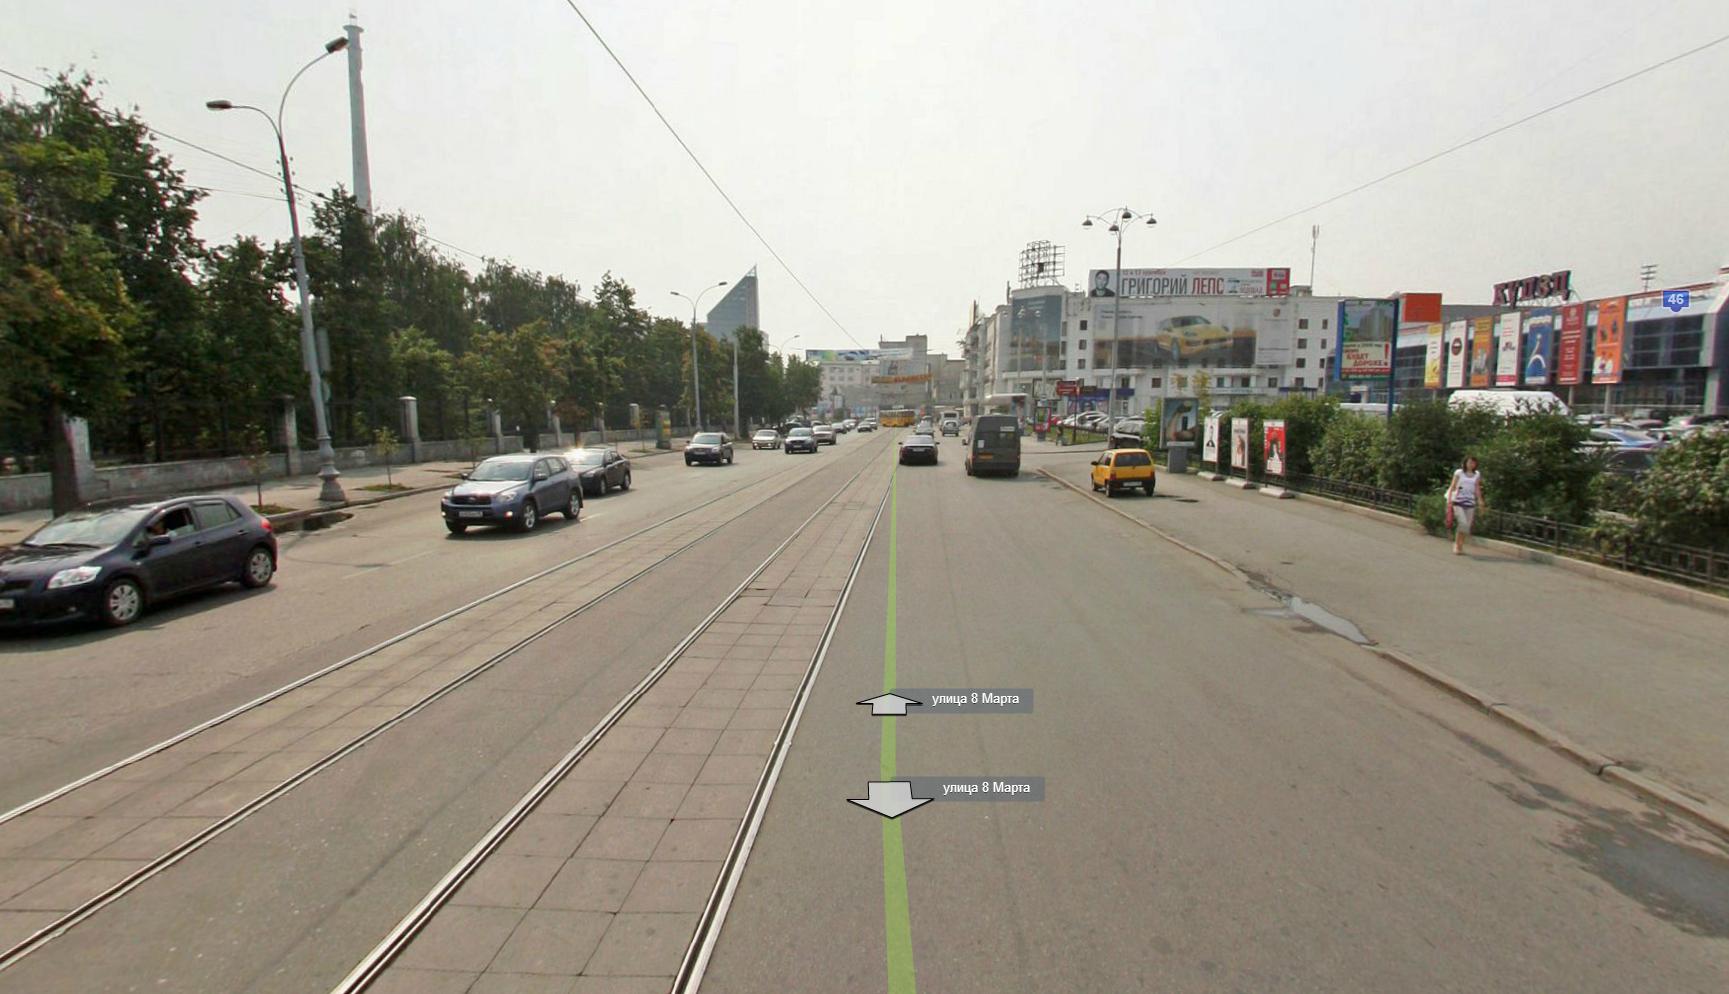 Те же грабли. На 8 Марта Липович хочет «повторить успех» реконструкции Макаровского моста